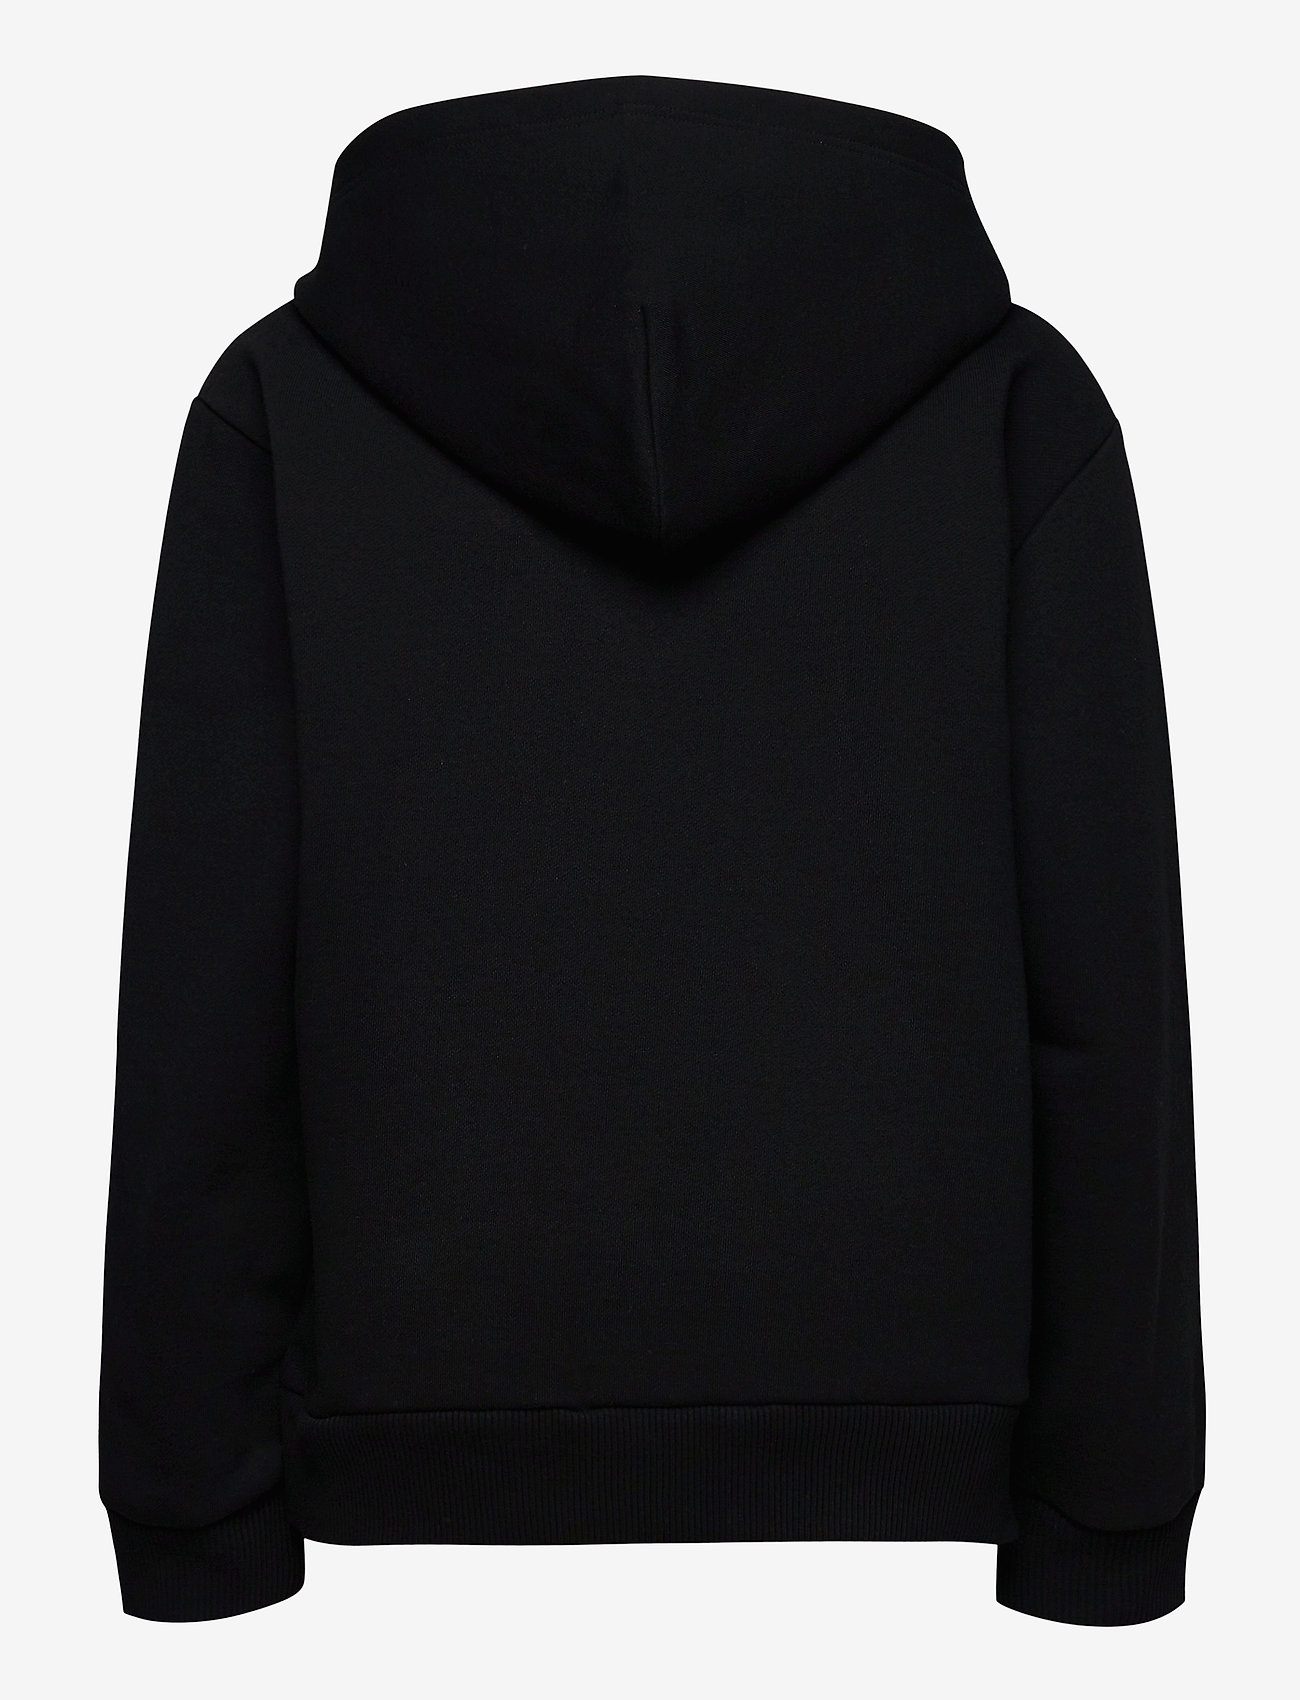 Diesel - SGIRKHOODJ1 OVER SWEAT-SHIRT - hoodies - nero - 1